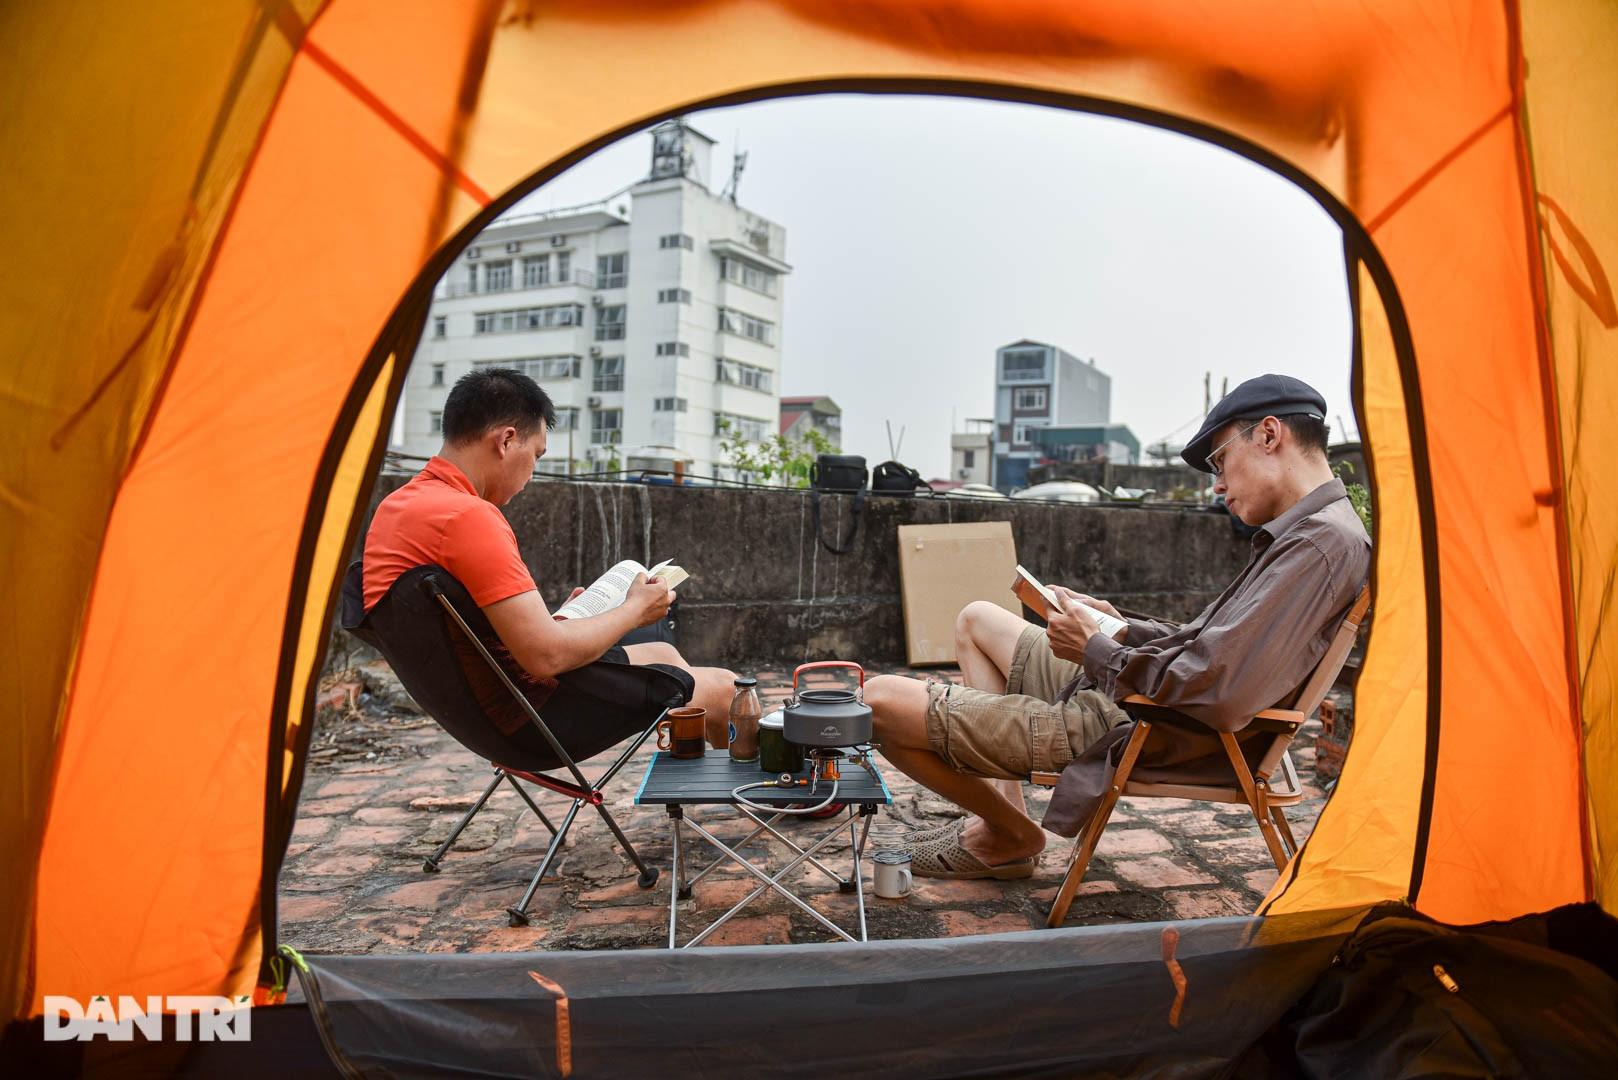 Thèm du lịch, giới trẻ đầu tư cắm trại tại gia: Chỉ ngắm nóc nhà vẫn vui-9